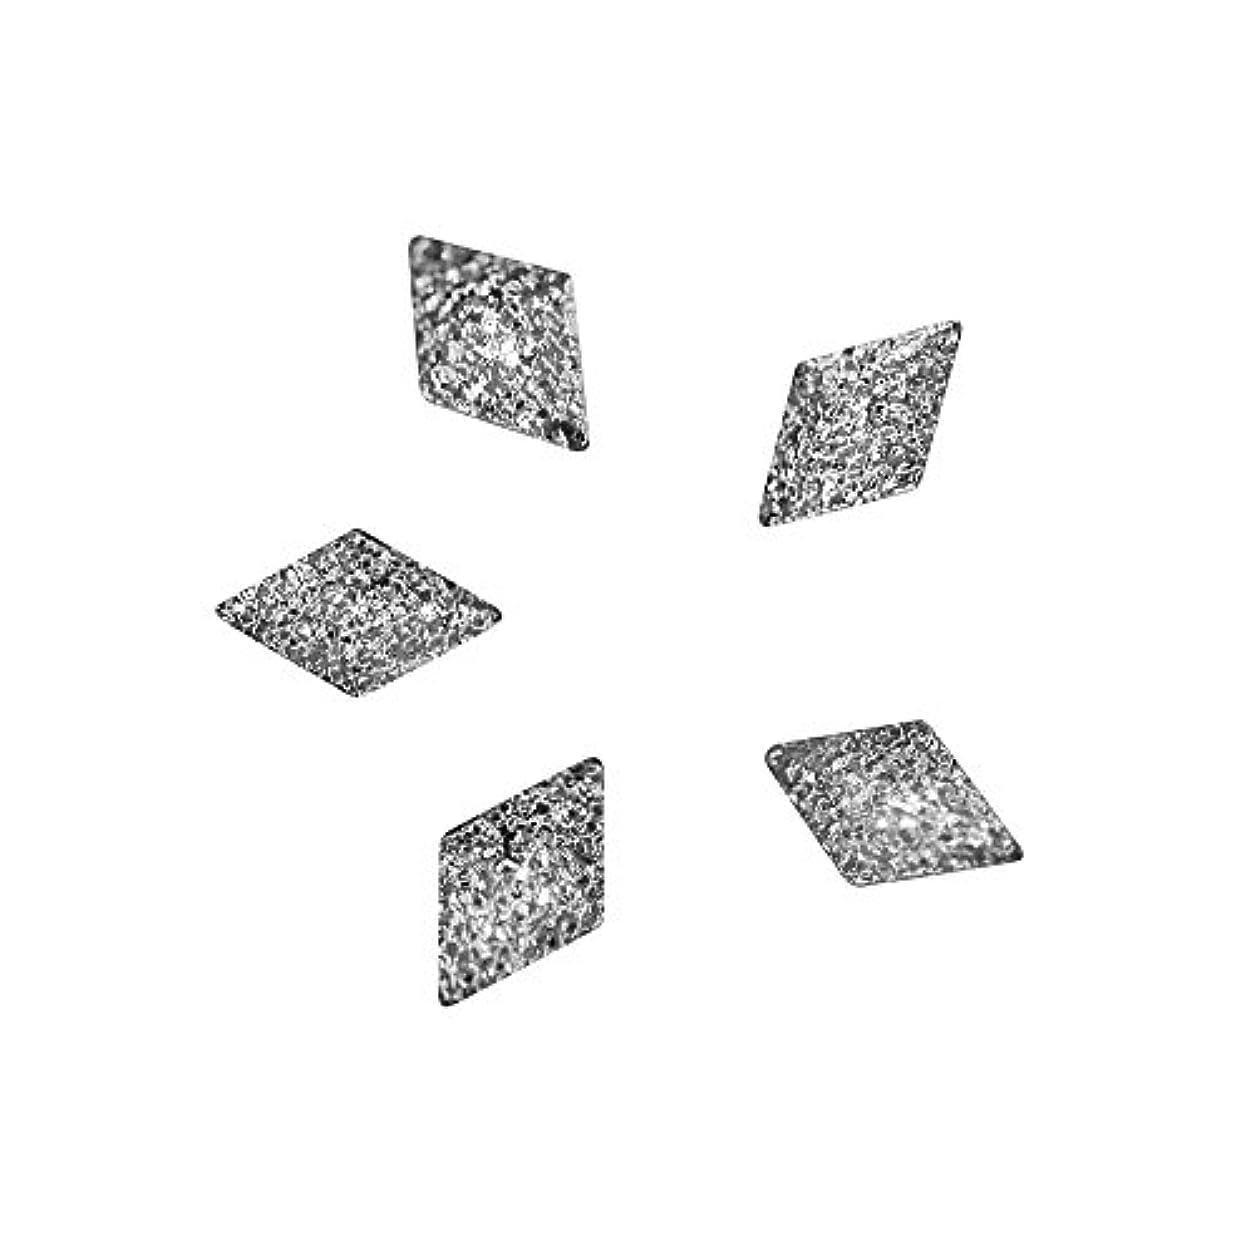 食べる背景懐疑論Bonnail ラフスタッズシルバー ダイヤ4×2mm 30P